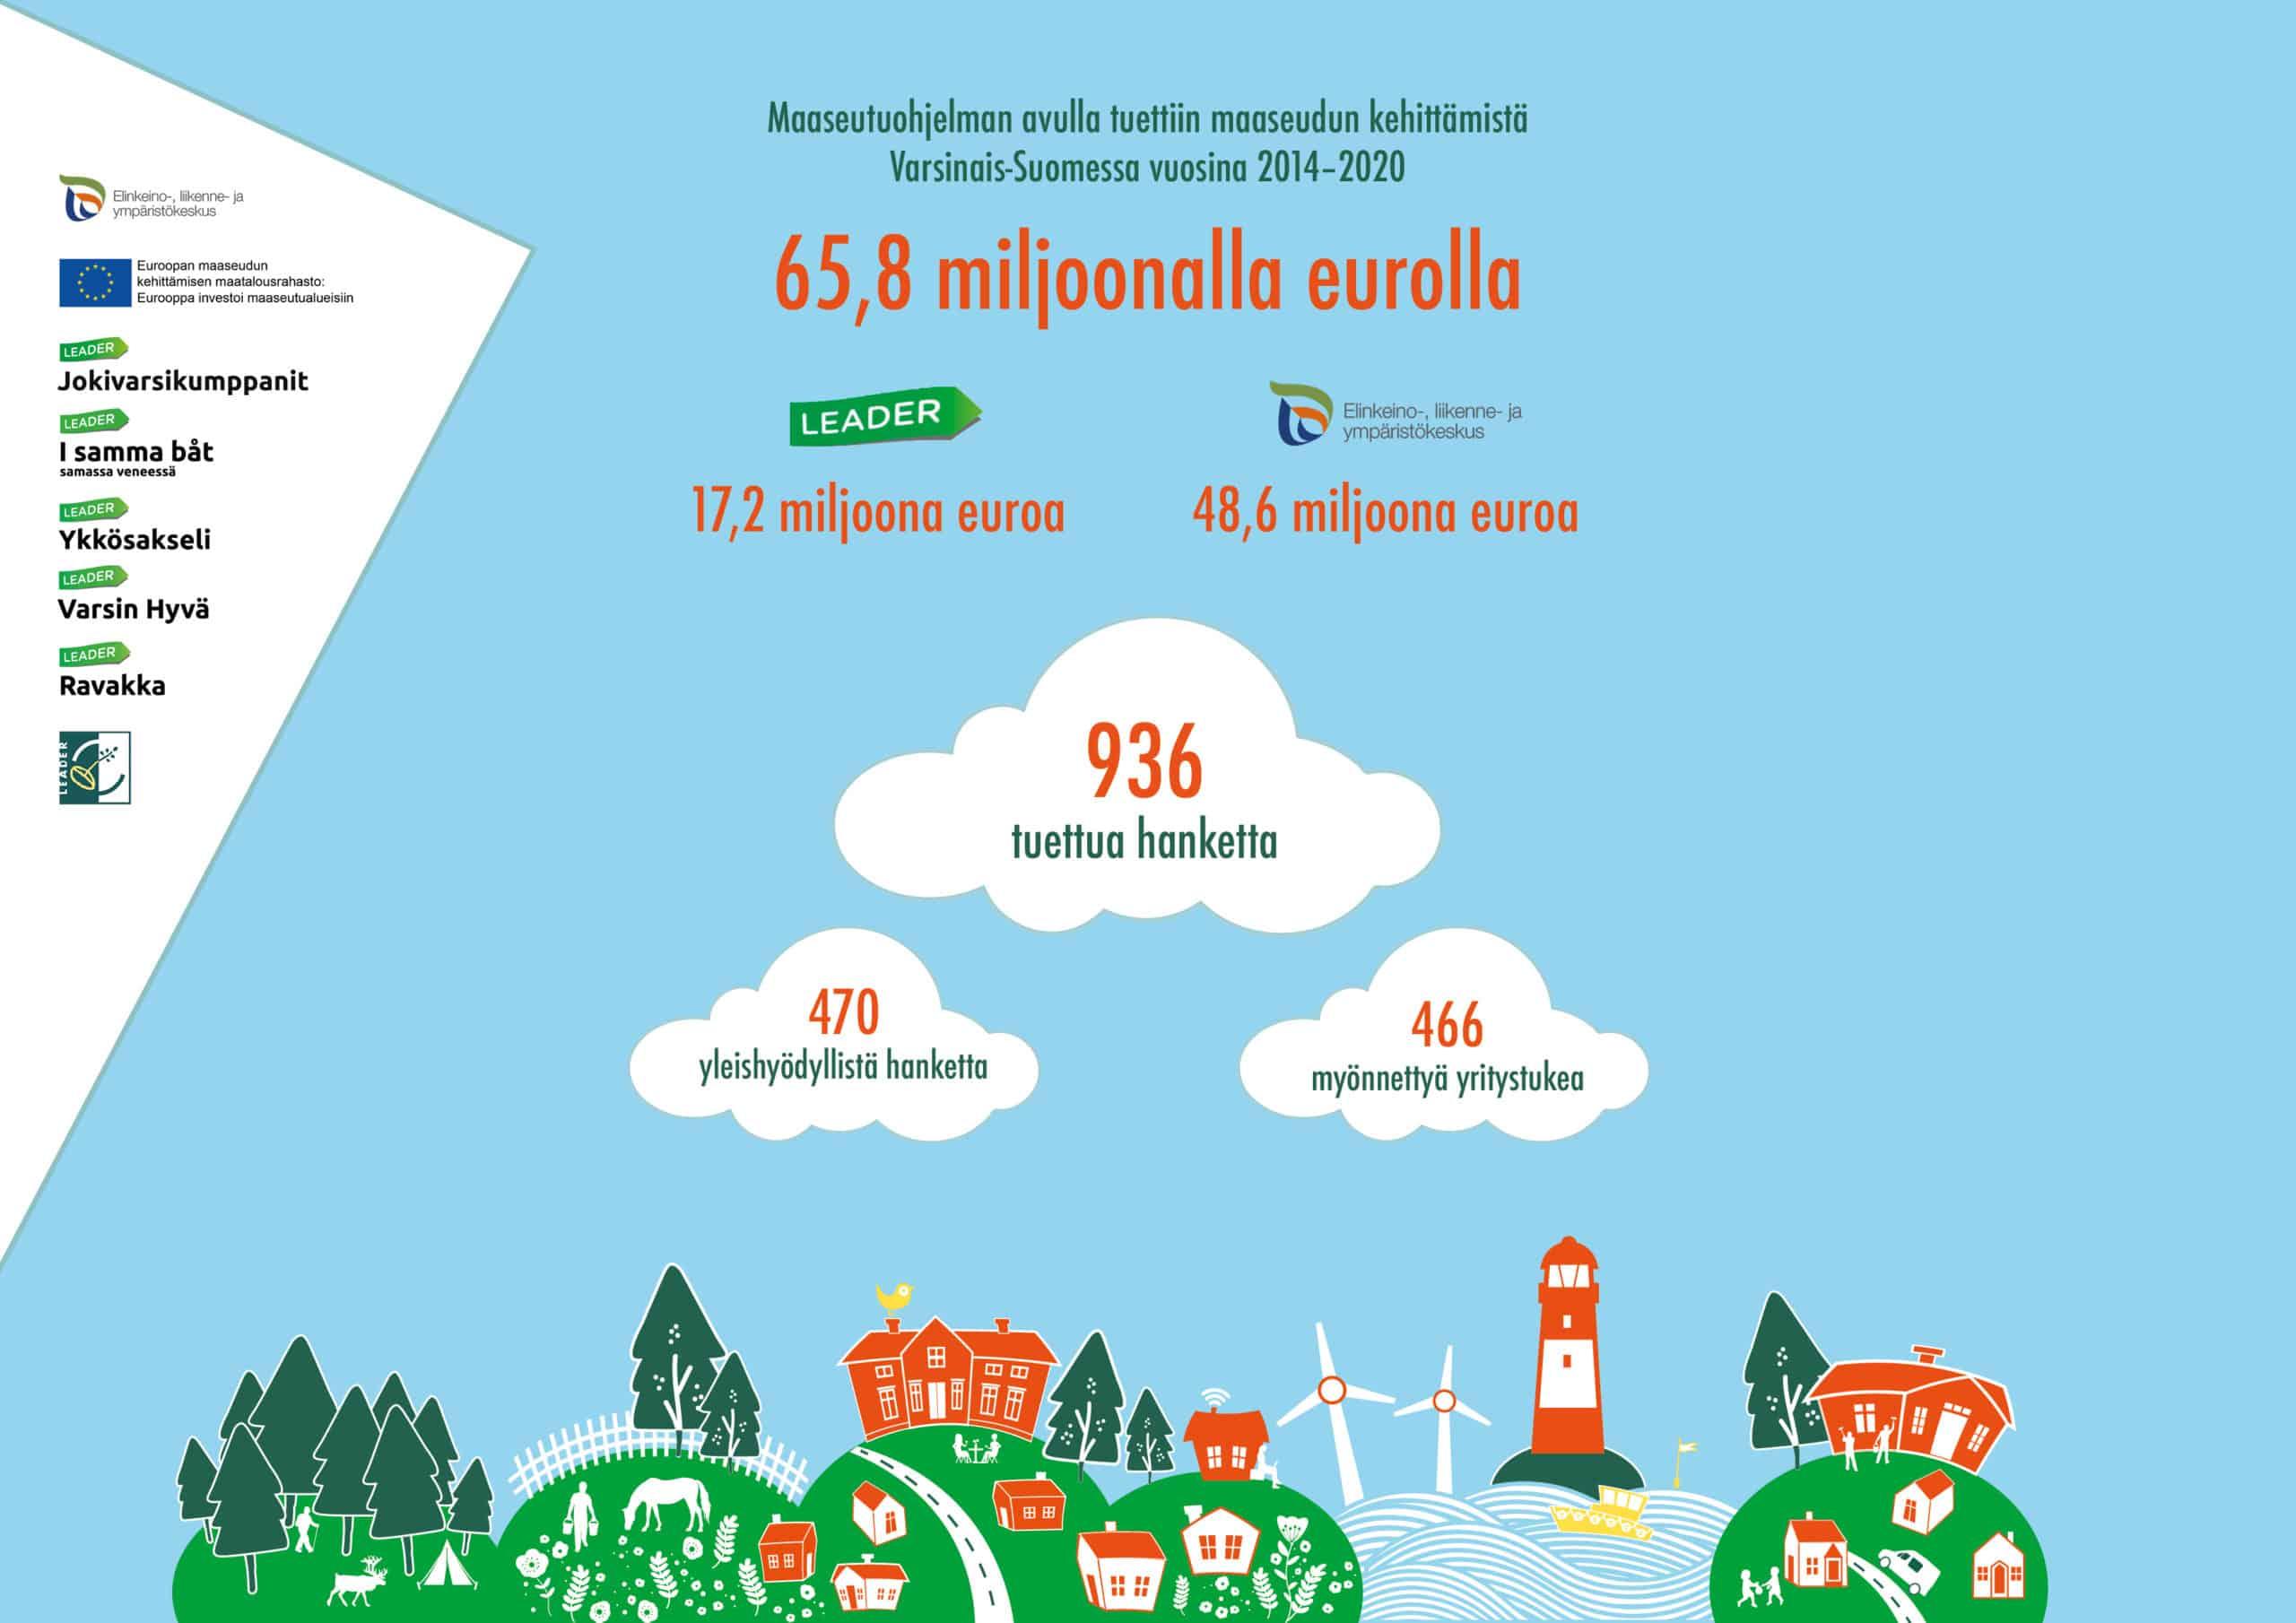 Varsinais-Suomea kehitettiin maaseutuohjelman kautta 65,8 miljoonalla eurolla vuosina 2014–2020